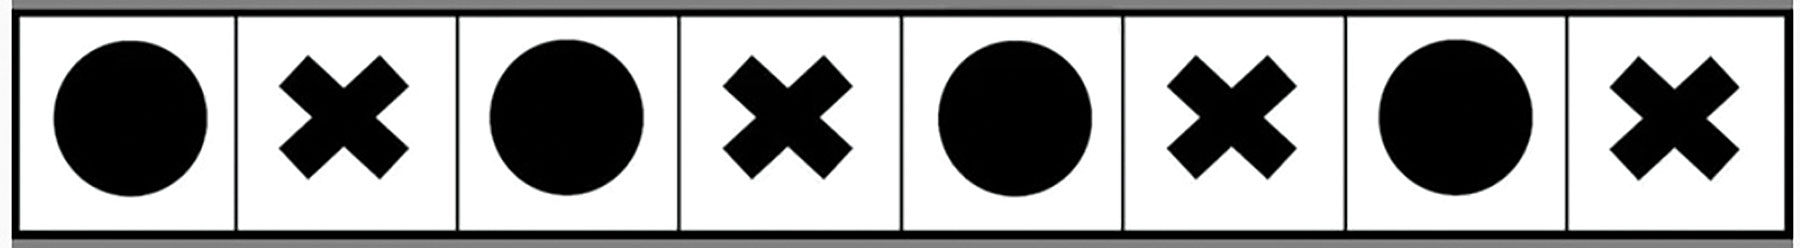 Meespeelpartituur afbeelding drumritme 3